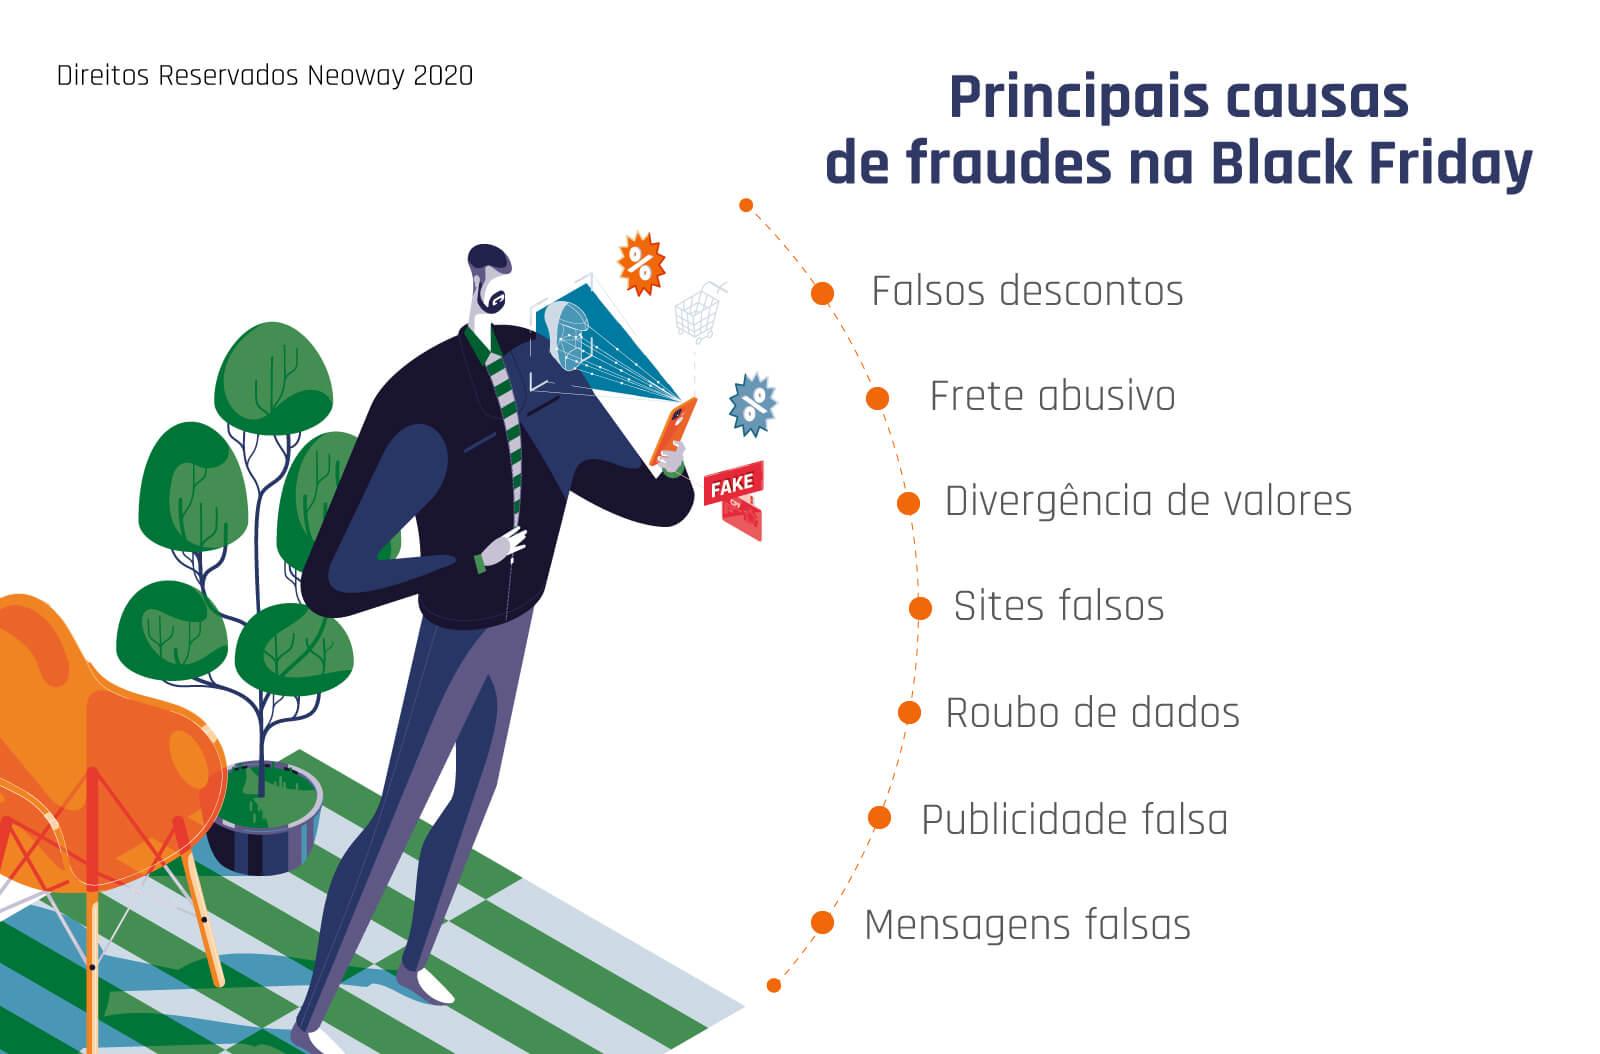 principais causas de fraudes na black friday